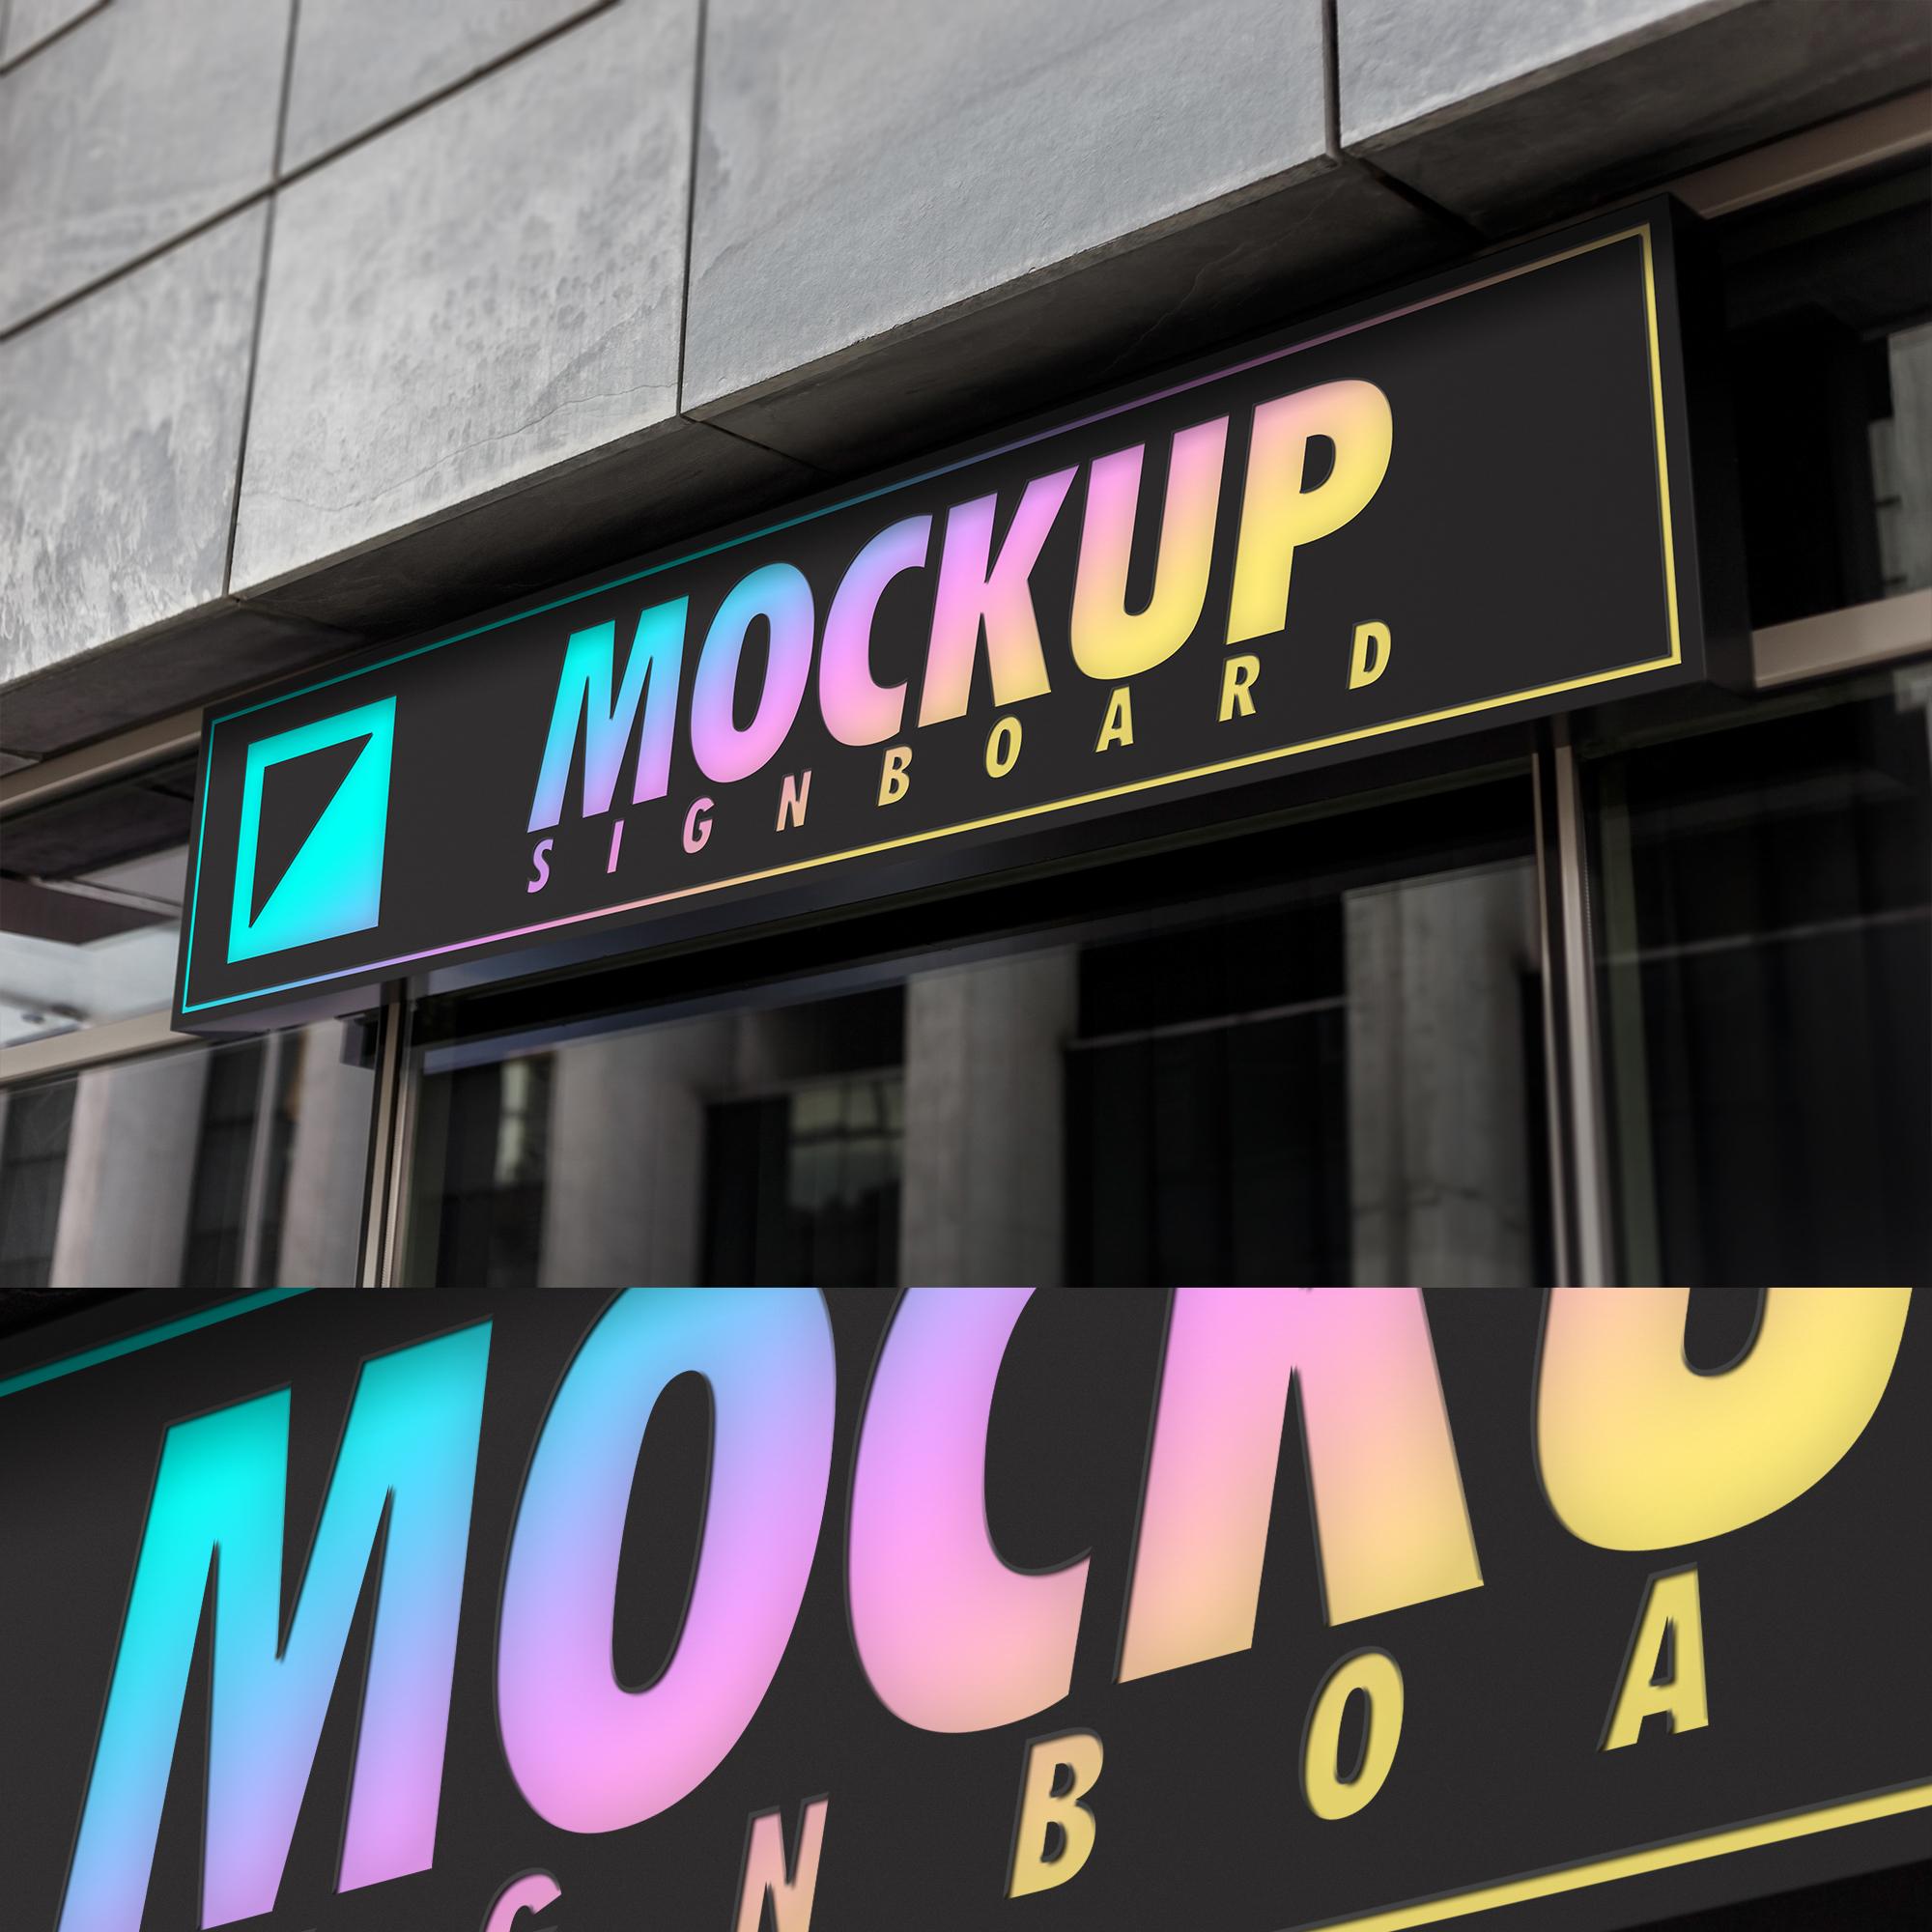 6款霓虹灯效果招牌设计展示智能贴图样机 6 Neon Signboard Mockups插图(1)